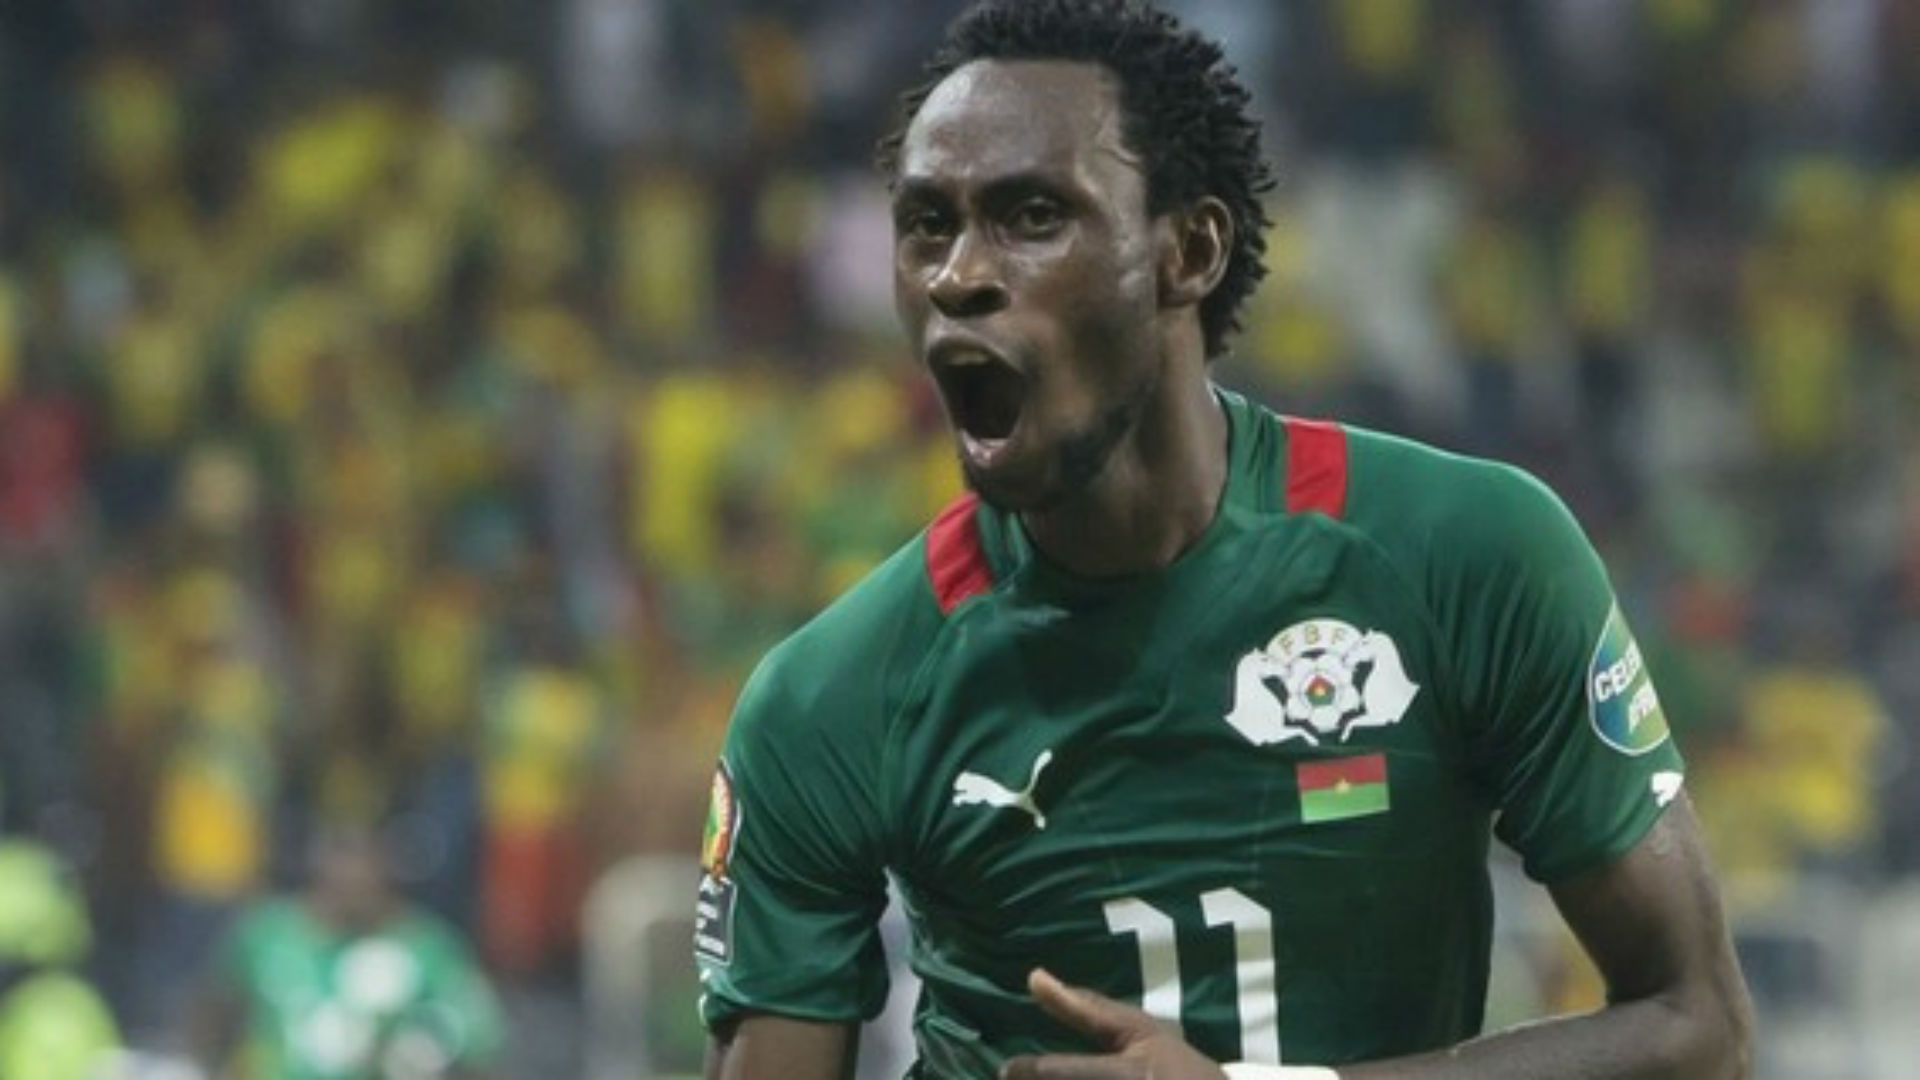 Burkina Faso forward Pitroipa retires from international duty